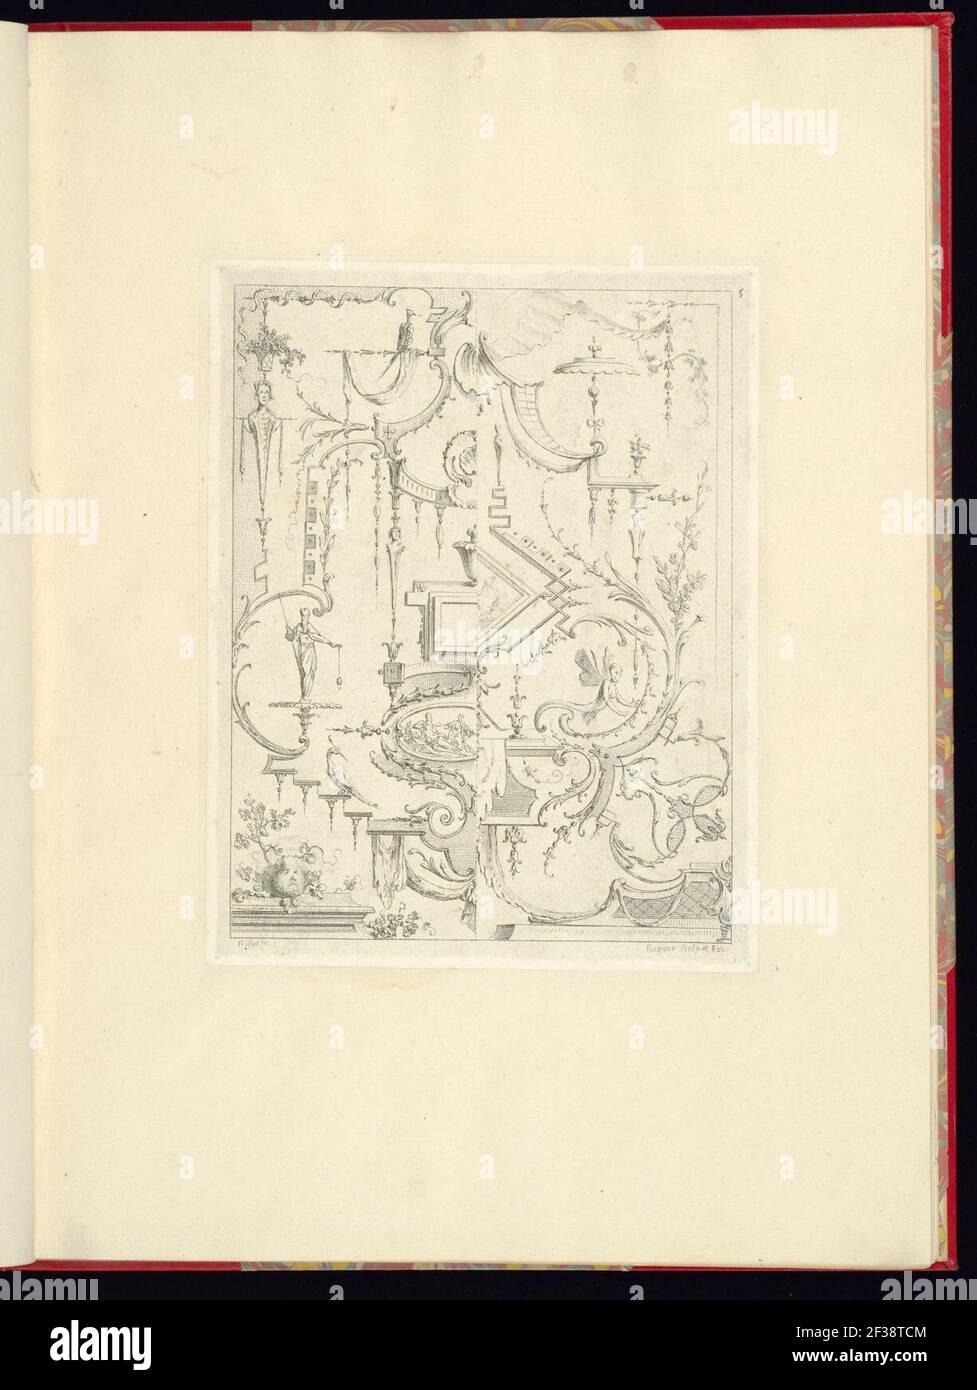 Print, New Livre de principes d'ornithments particularisent for tricme an nombre infini de formes qui dependent, d'après les dessins de Gillot. Peintre du Roy, gravé par Huquier; pl. 5 Banque D'Images